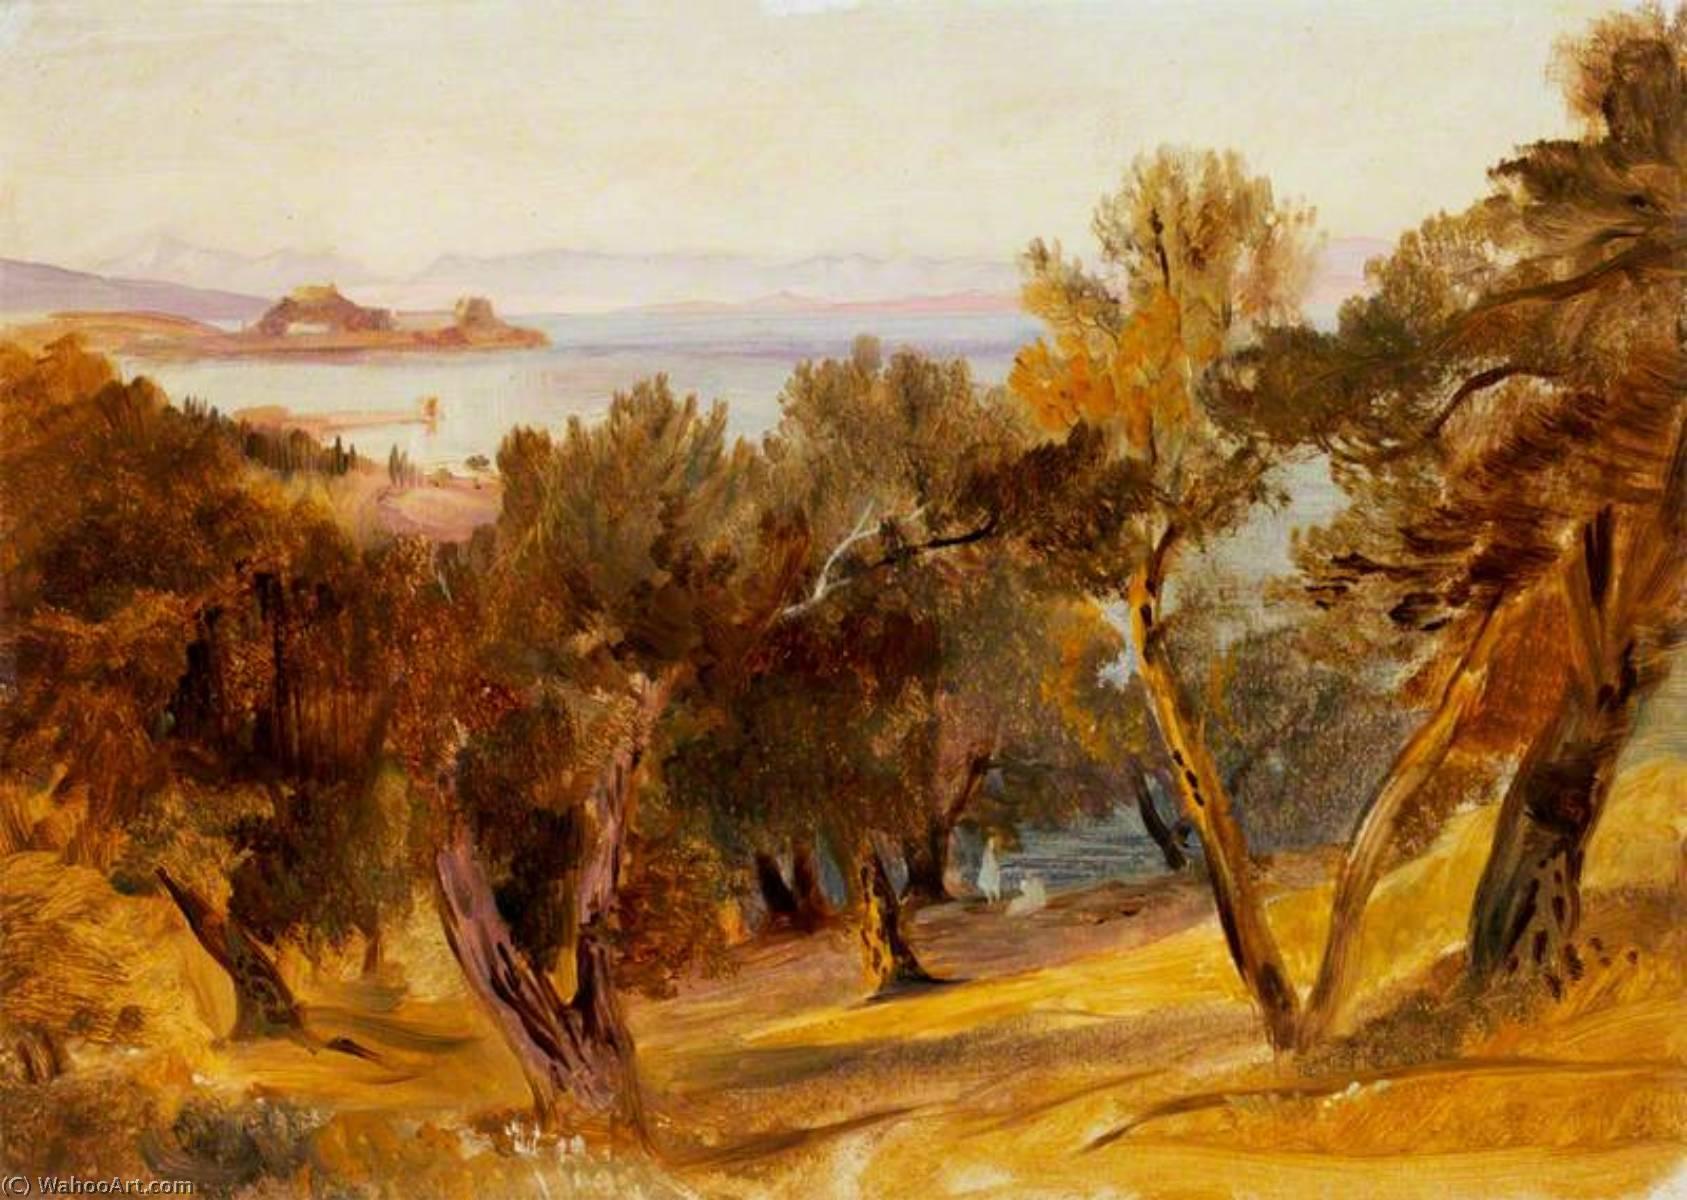 WikiOO.org - Enciclopedia of Fine Arts - Pictura, lucrări de artă Edward Lear - Corfu